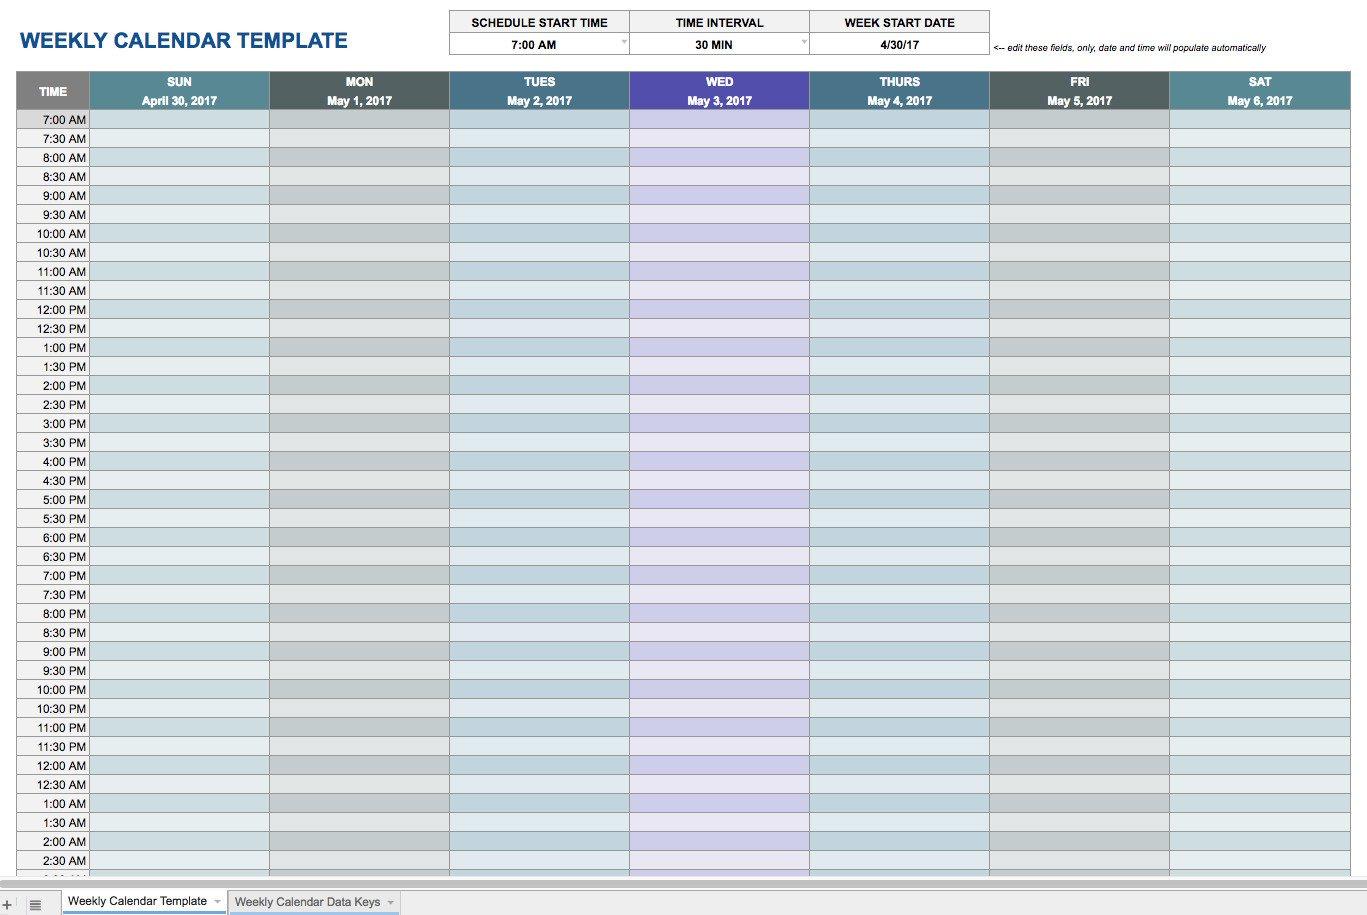 Google Docs Employee Schedule Template Weekly Schedule Template Google Docs